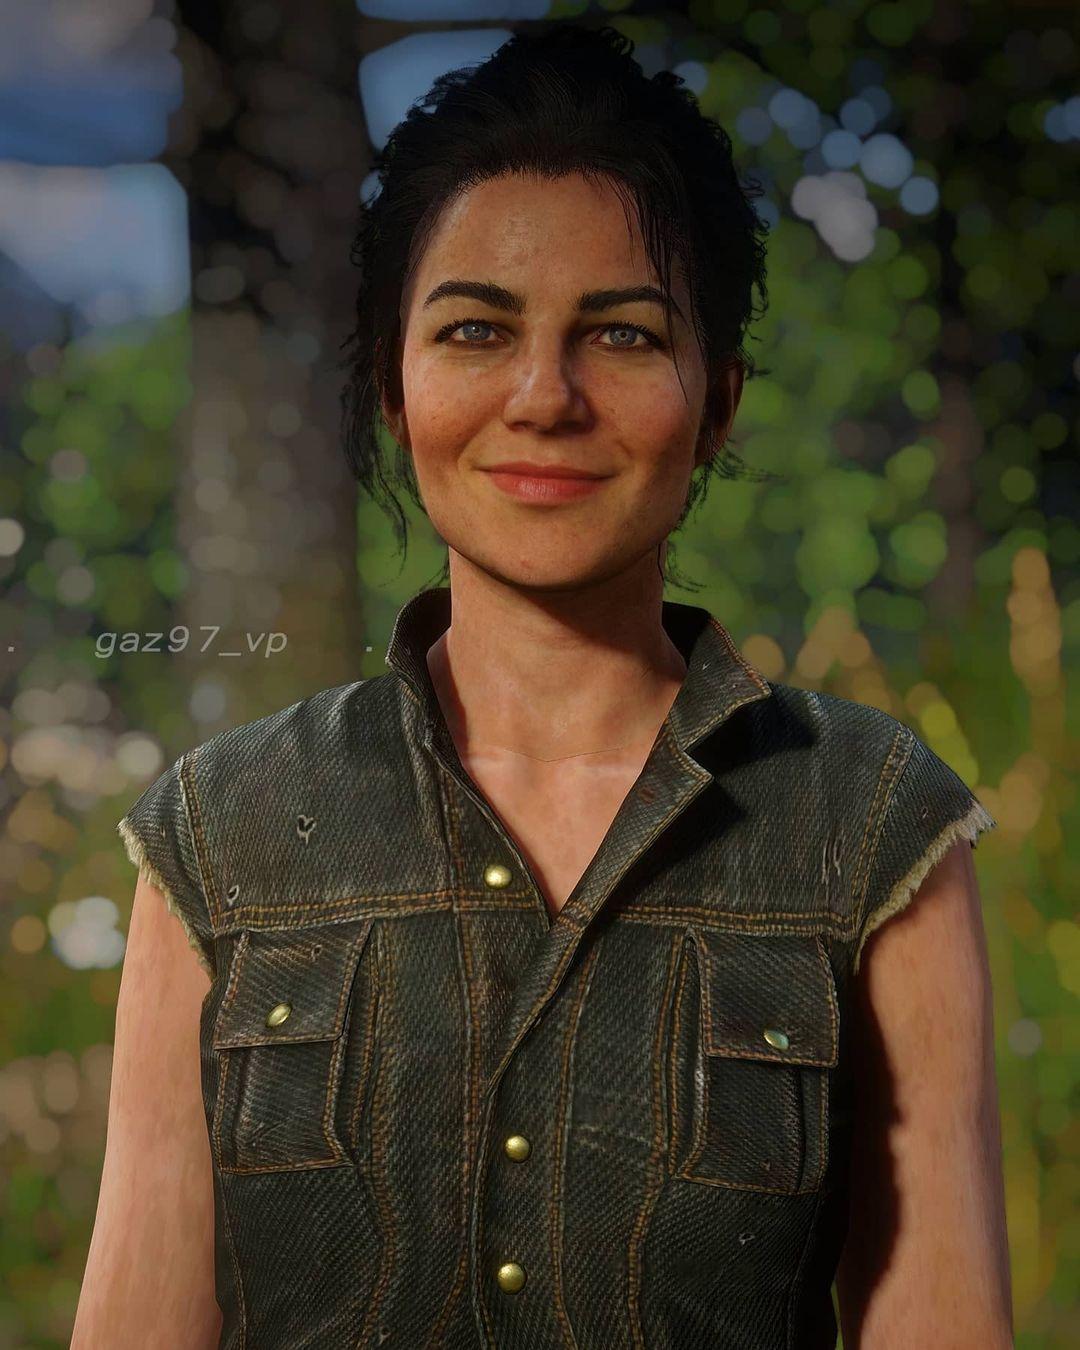 Игрок Red Dead Redemption 2 делает портреты персонажей с улыбками на лице